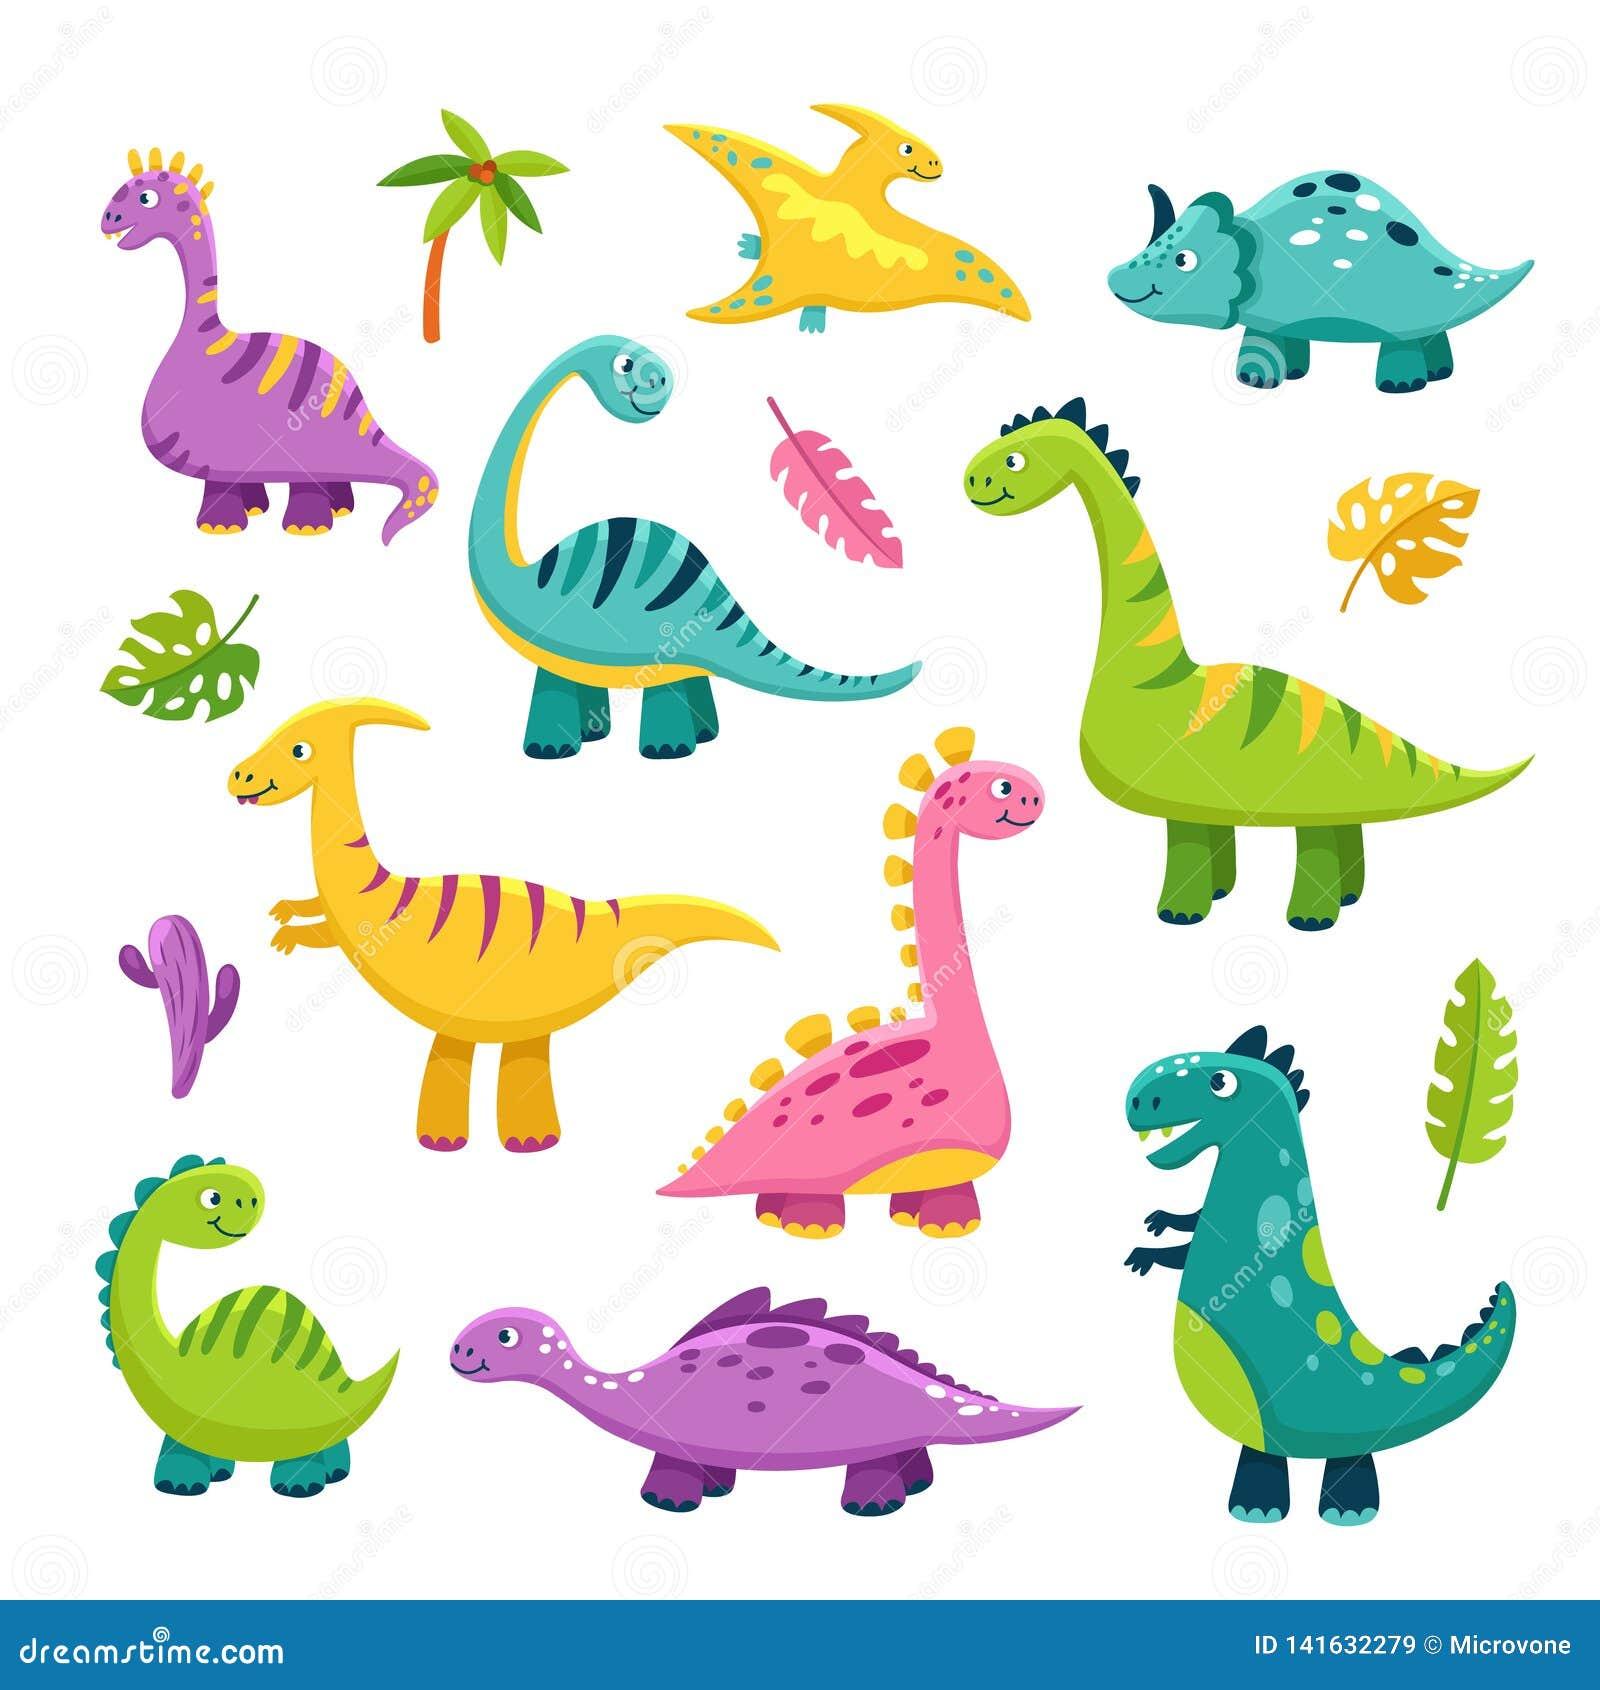 ο χαριτωμένος Dino Κινούμενων σχεδίων μωρών δεινοσαύρων stegosaurus δράκων παιδιών προϊστορικό διάνυσμα δεινοσαύρων άγριων ζώων α